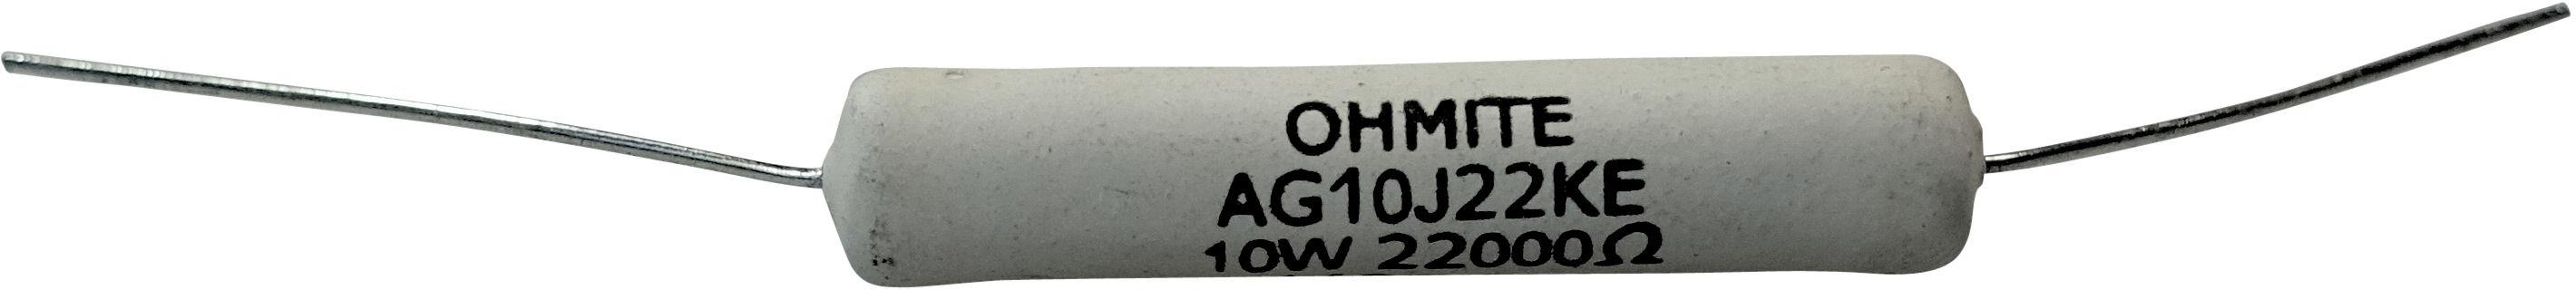 Ohmite Audio Gold 10W - 100 Ohm